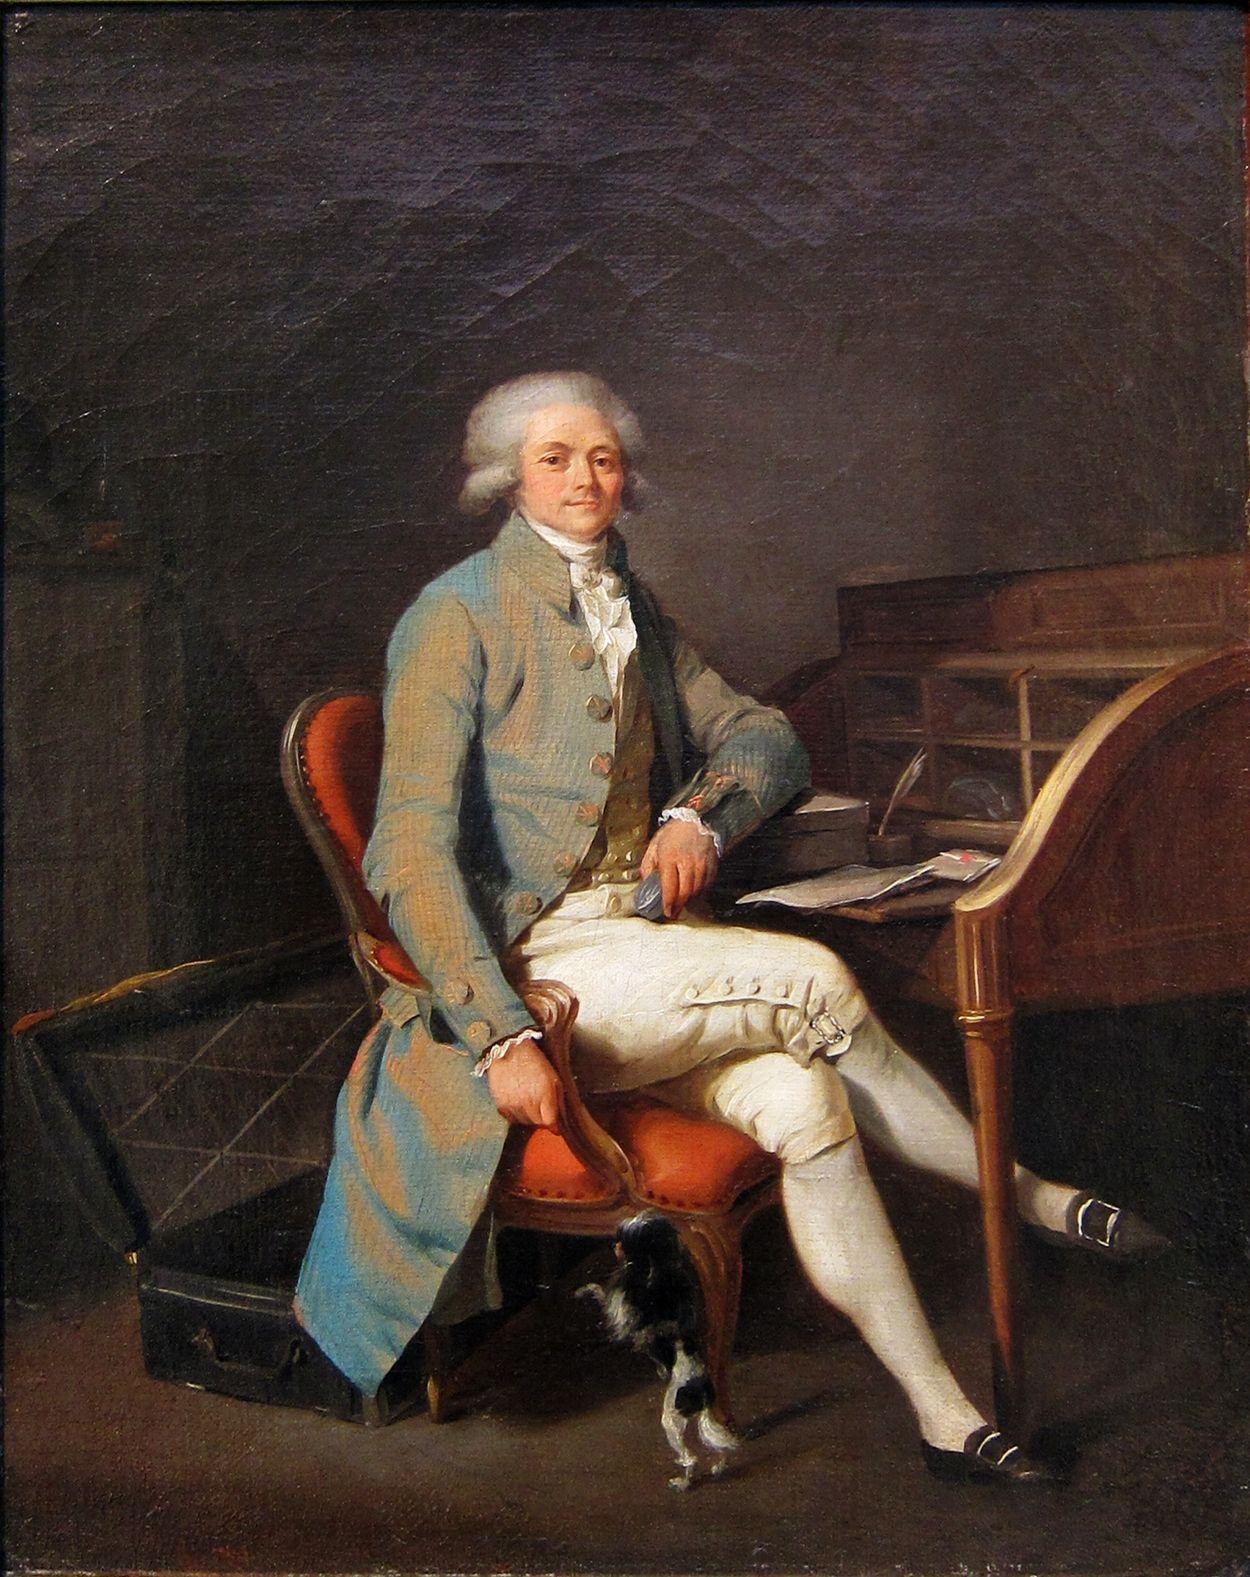 The Athenaeum Portrait of Maximilien de Robespierre